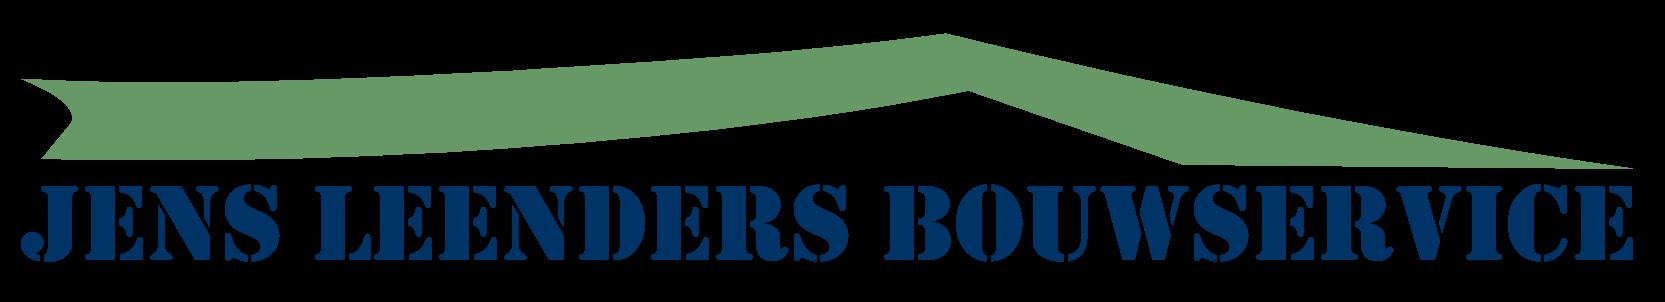 Jens Leenders Bouwservice